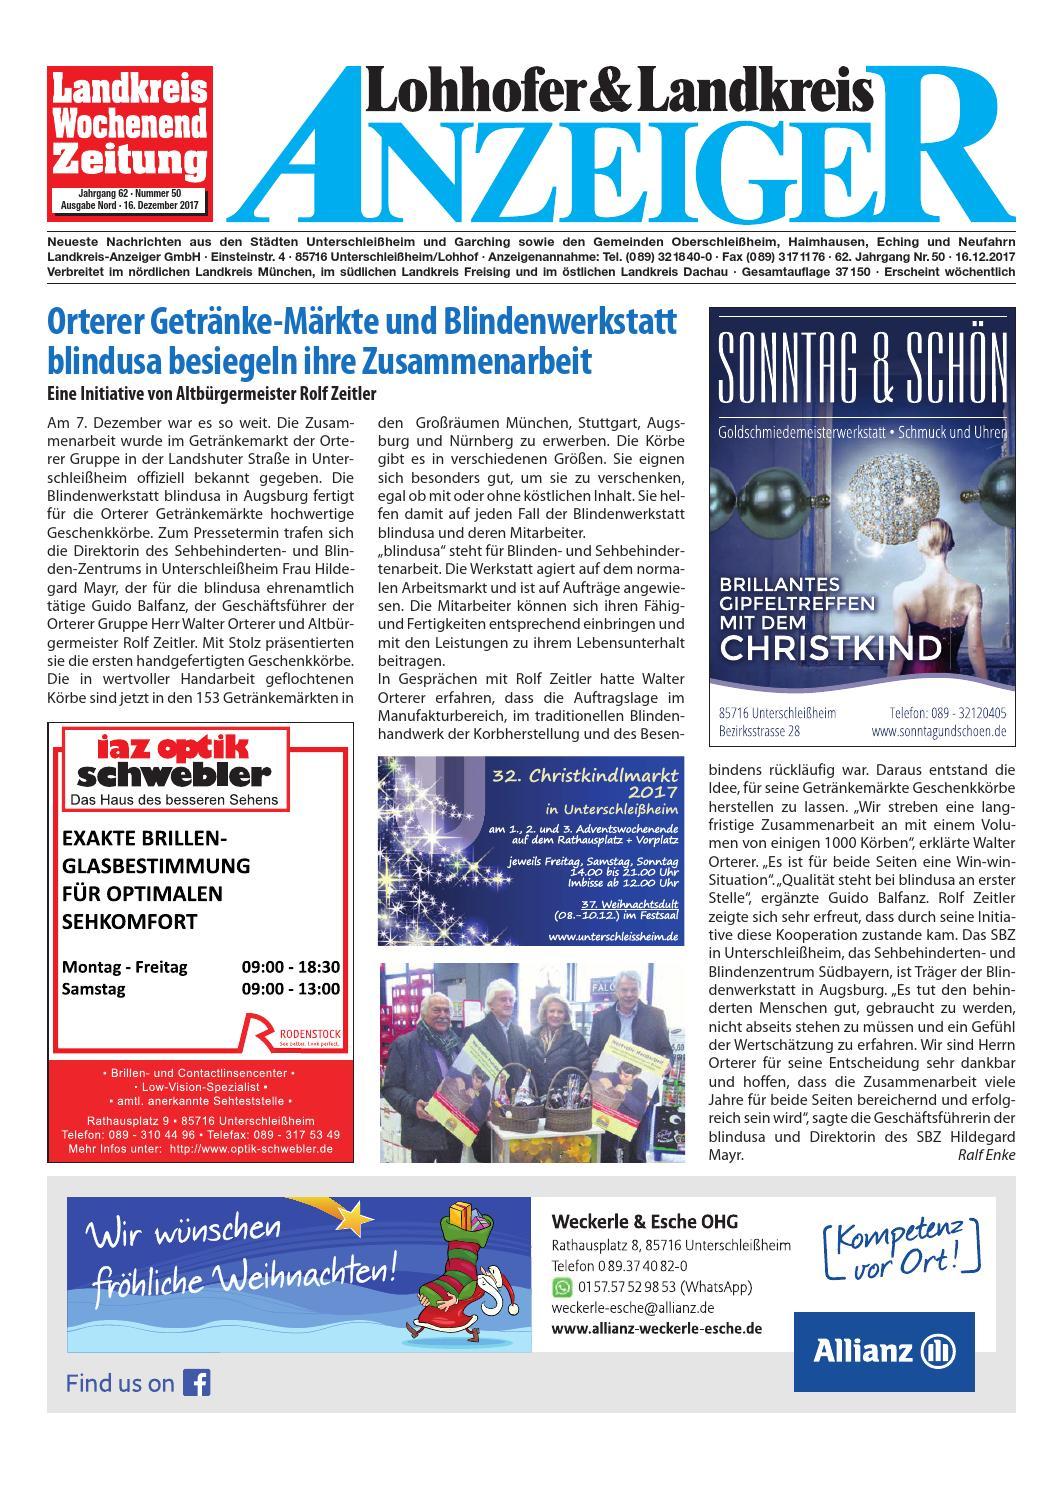 Lohhofer & Landkreis Anzeiger 5017 by Zimmermann GmbH Druck & Verlag ...